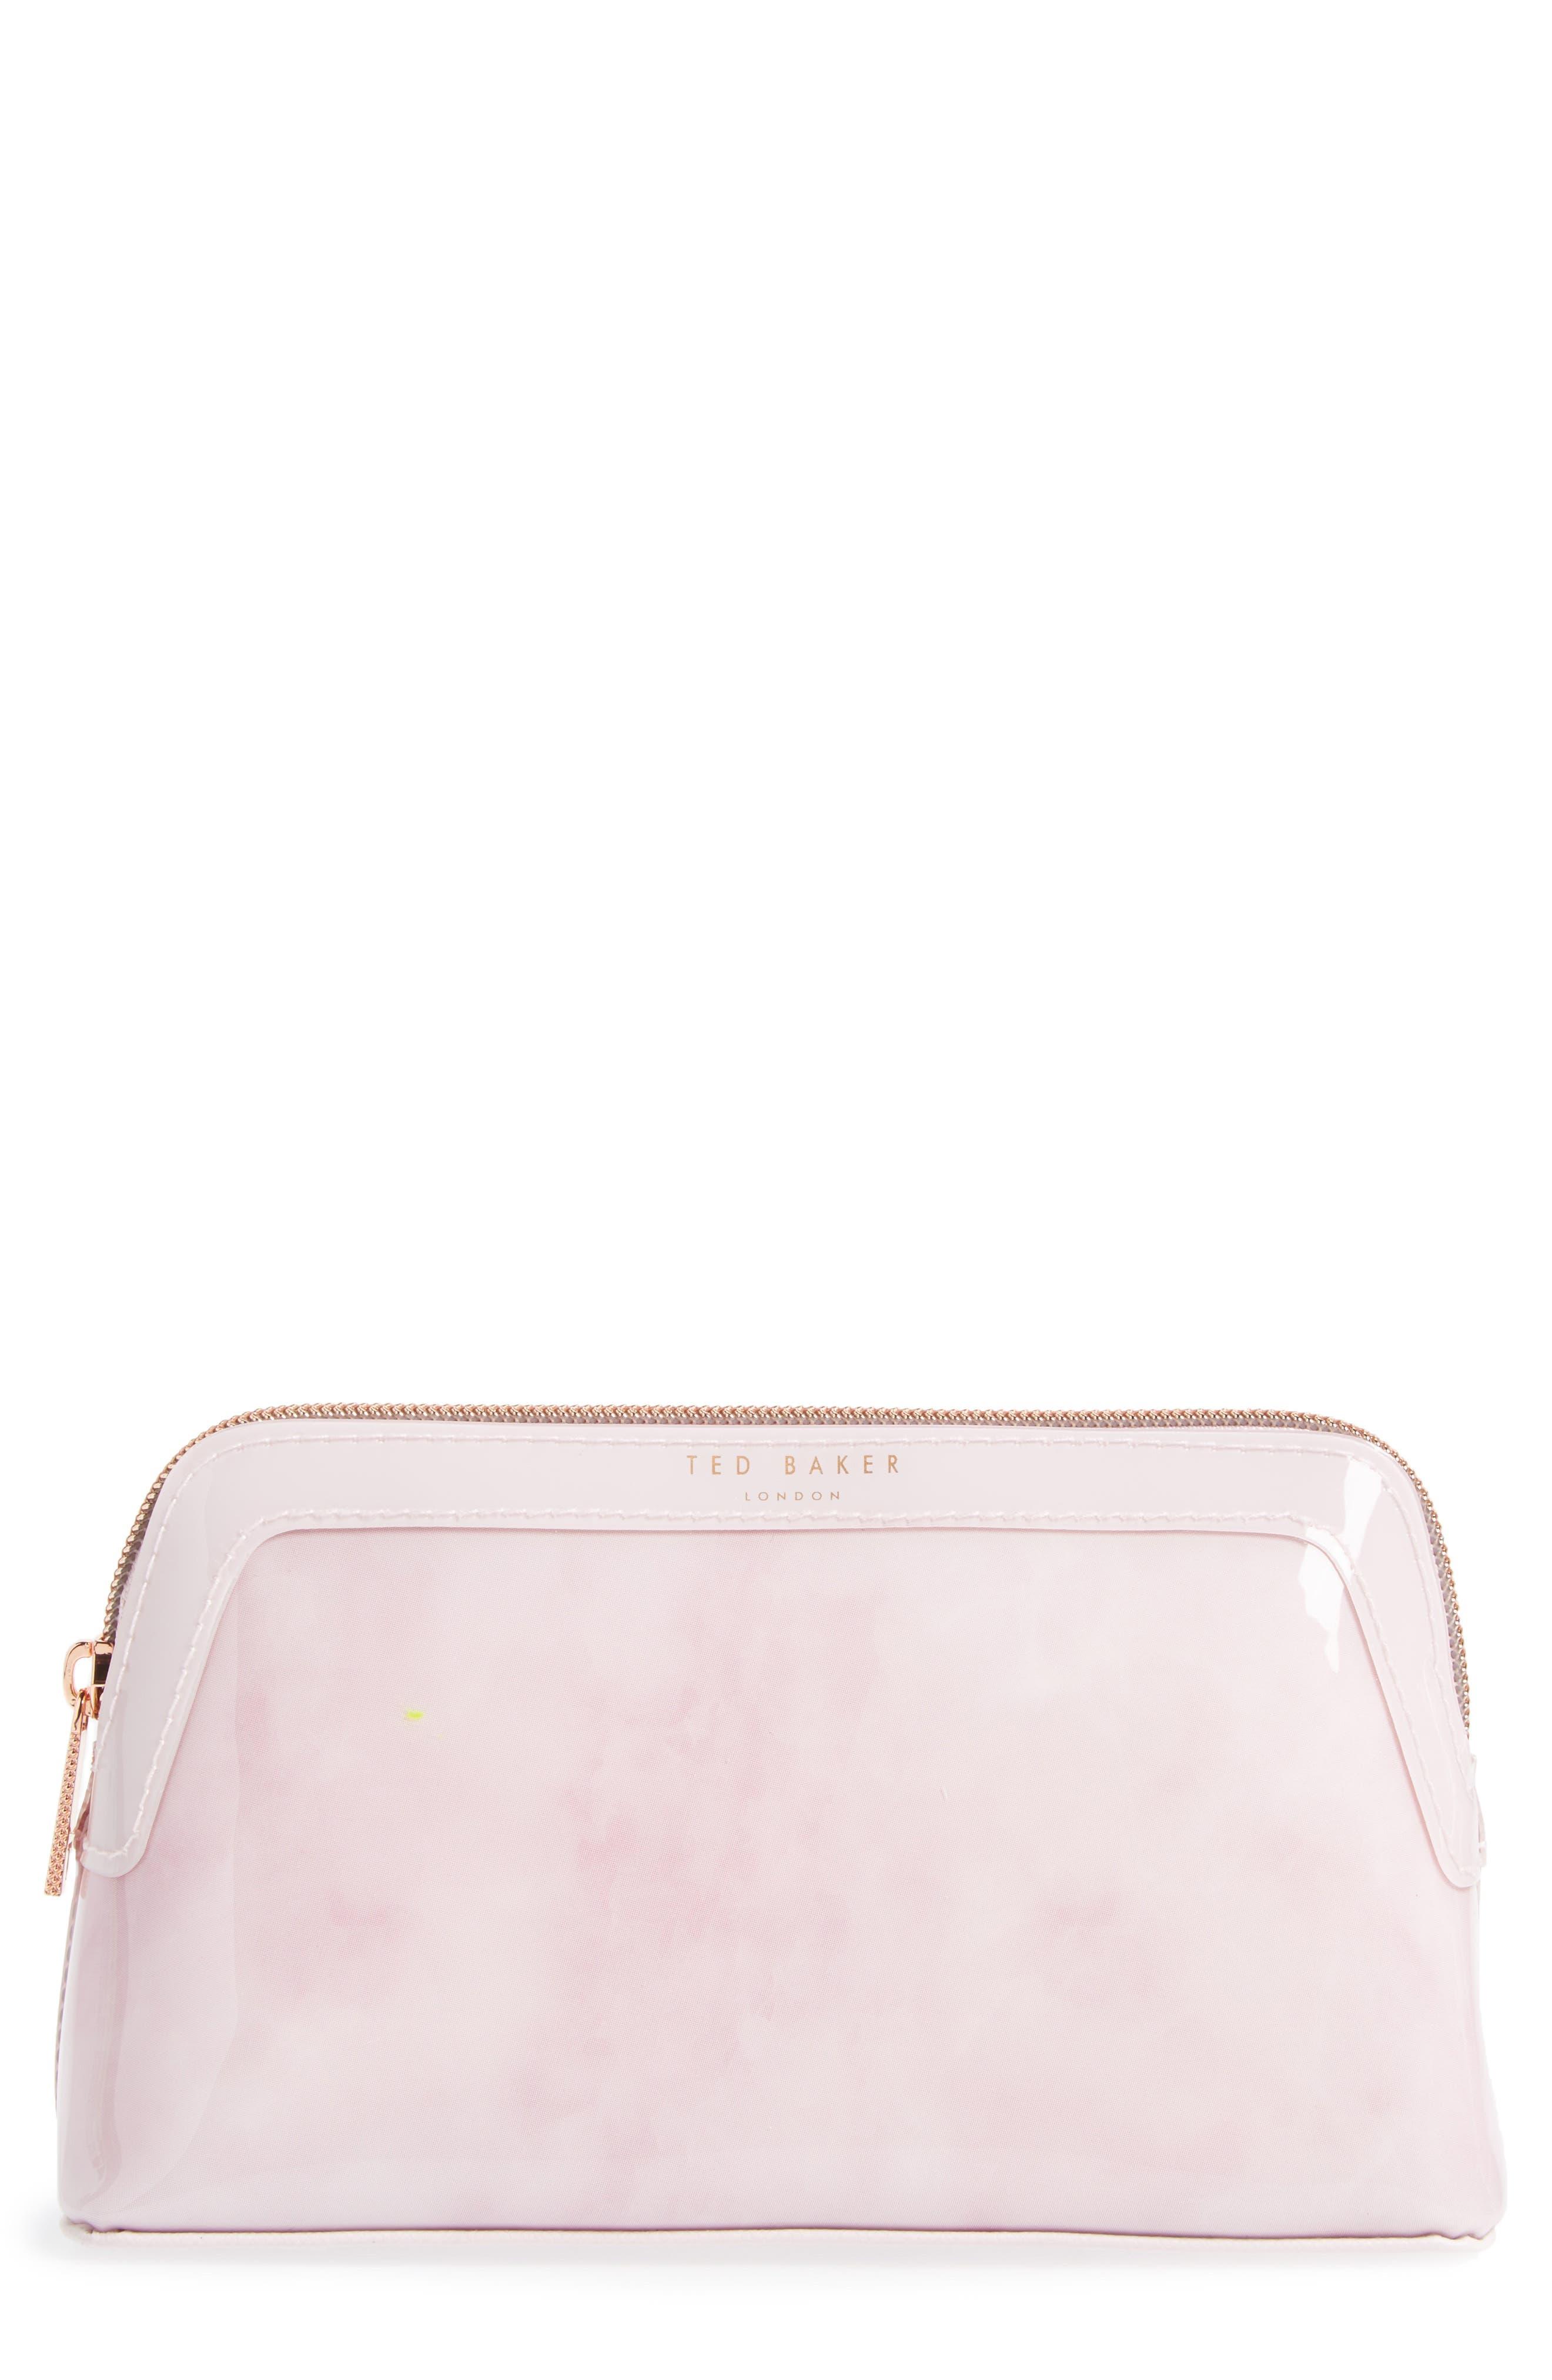 Zandra - Rose Quartz Cosmetics Bag,                         Main,                         color, 672